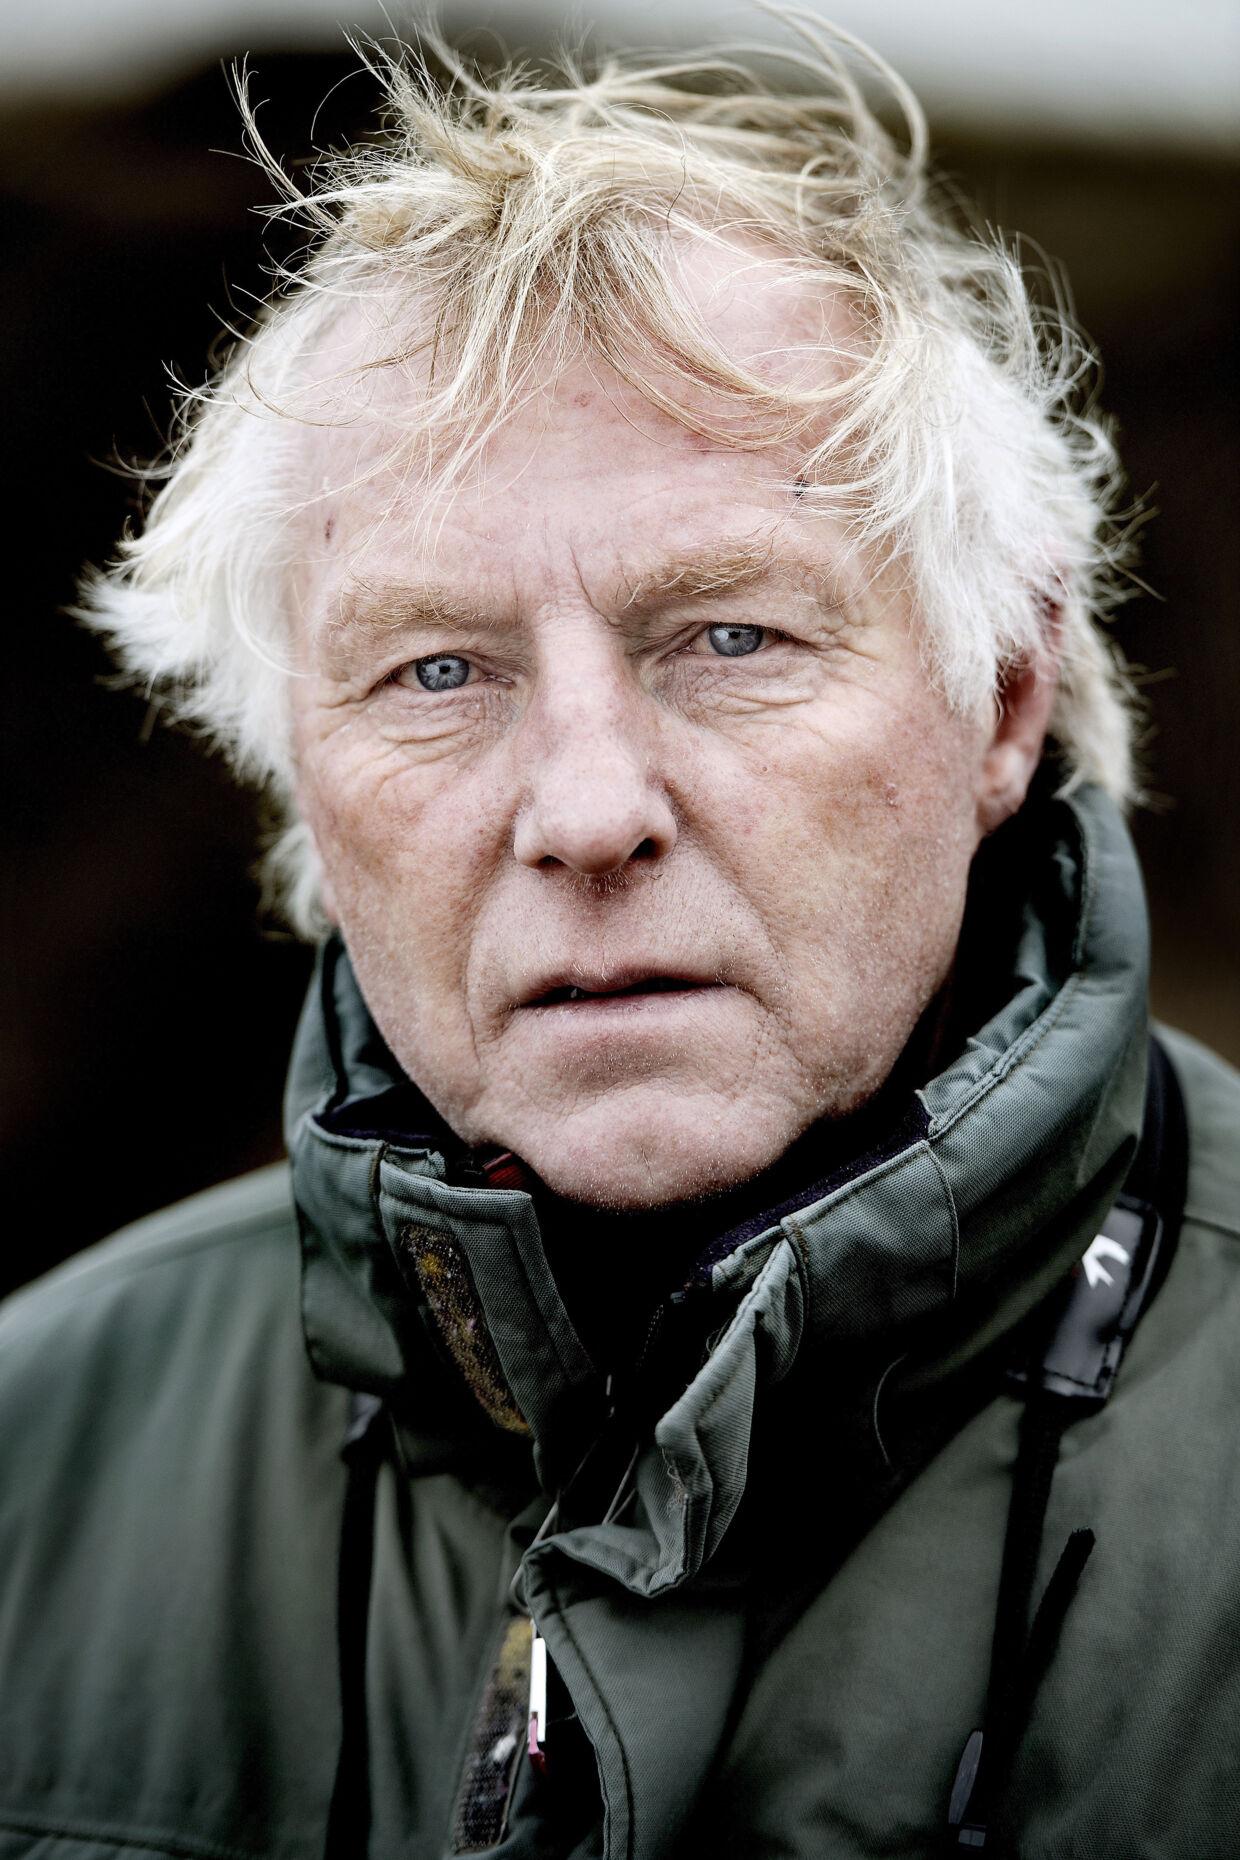 Bent Jakobsen har stået i spidsen for Blåvand Fuglestation i flere årtier. Igennem tiden har han ringmærket omkring 100.000 fugle. Han er tidligere bankassistent fra Brøndbyøster, og den dag i dag holder han stadig med fodboldklubben Brøndby IF.